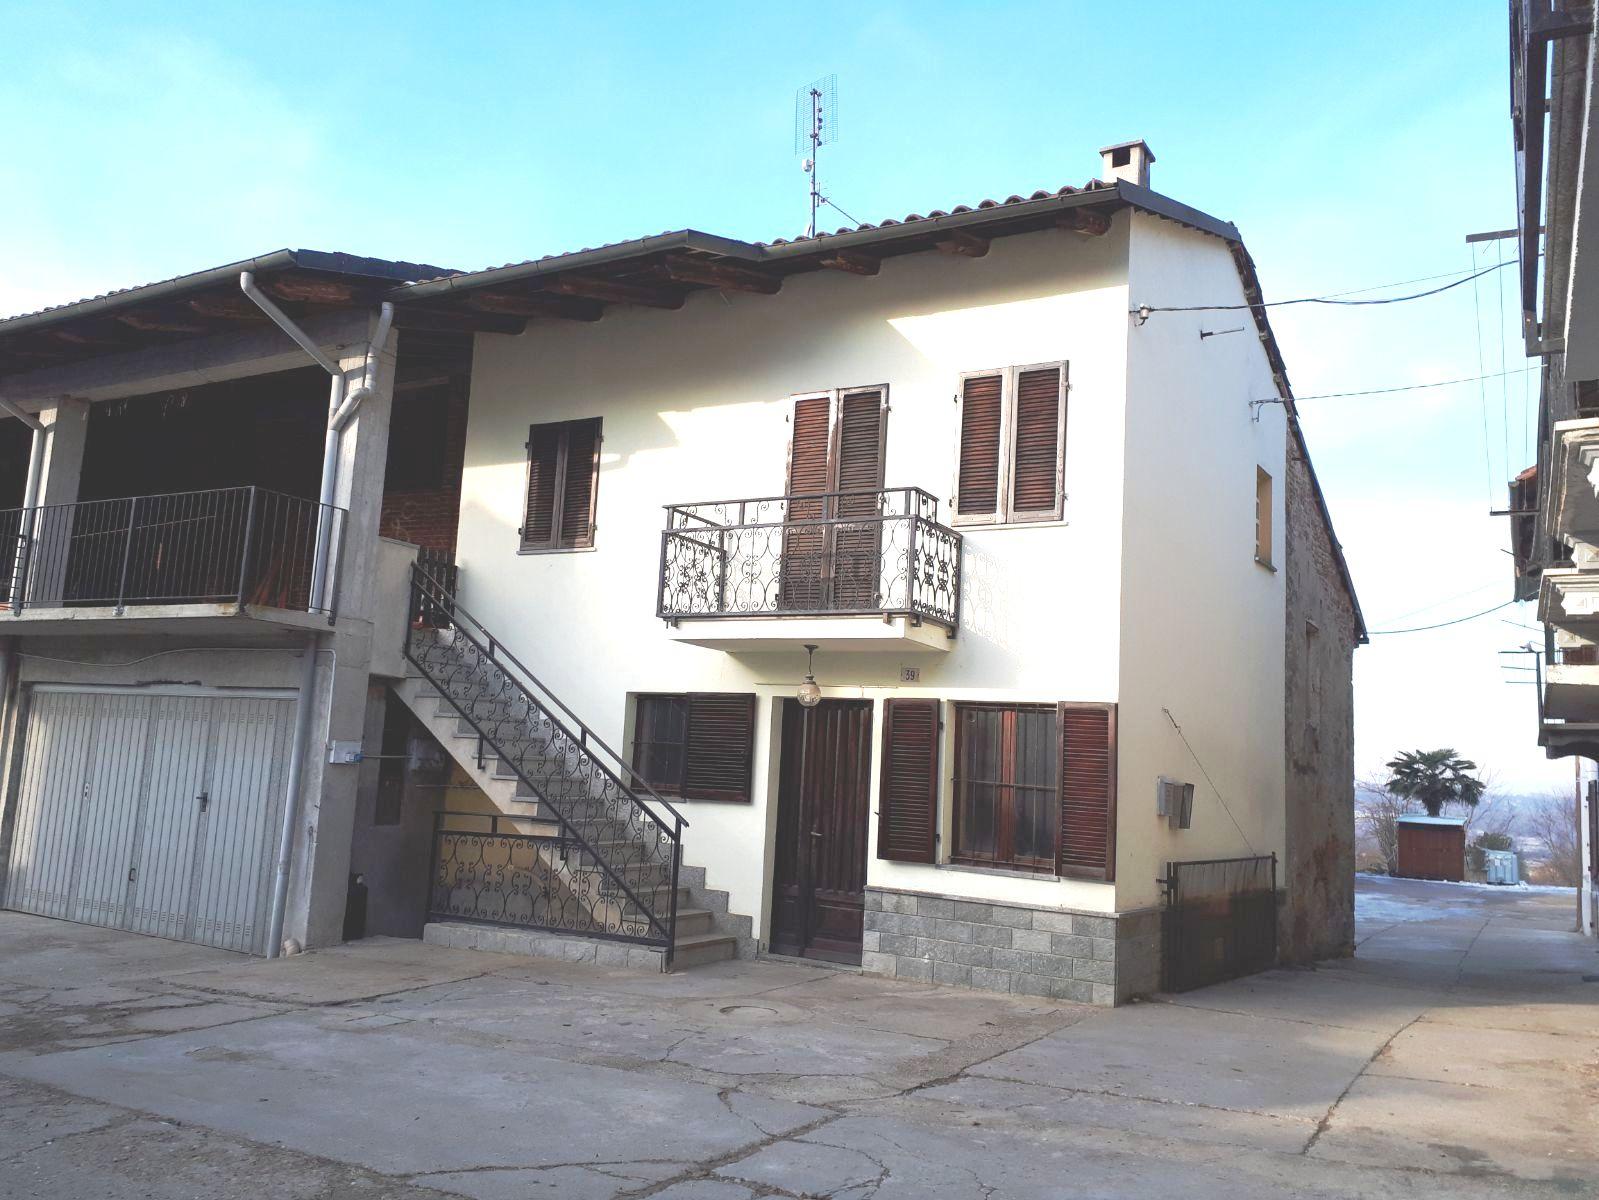 Rustico / Casale in affitto a Castelnuovo Don Bosco, 2 locali, zona Zona: Morialdo, prezzo € 350 | CambioCasa.it